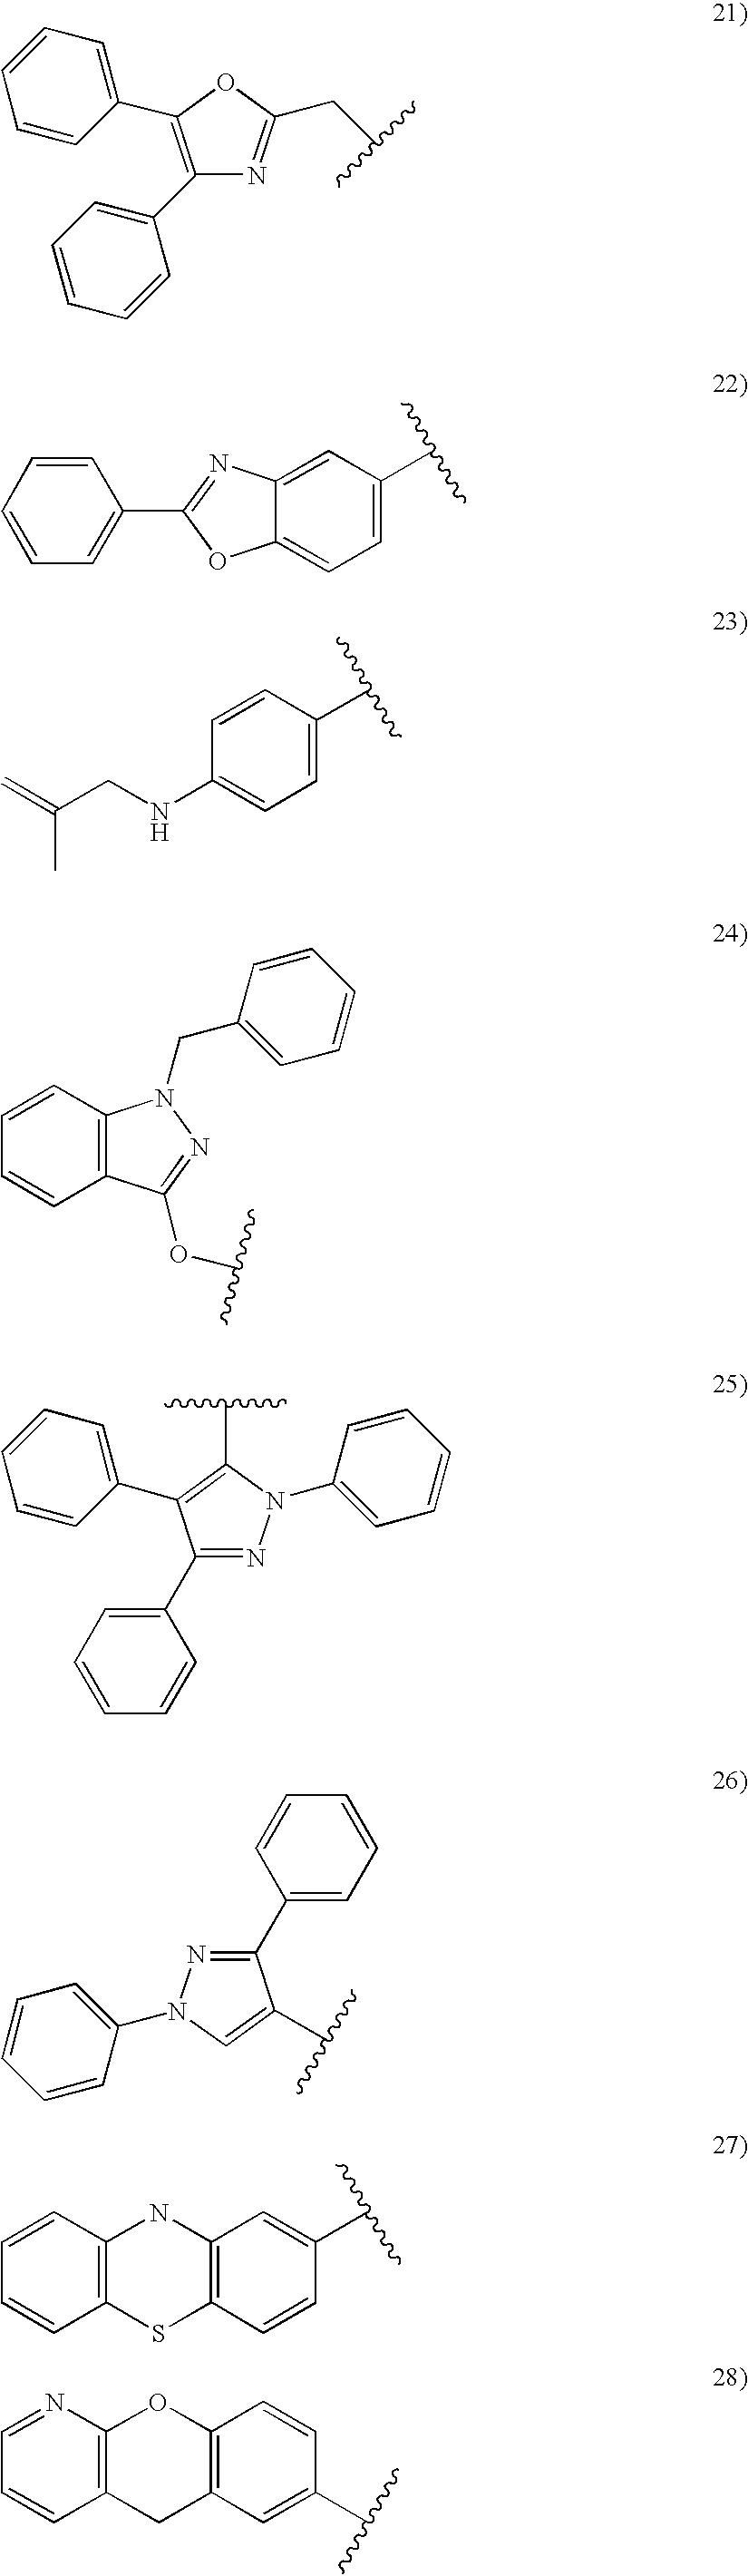 Figure US20050054714A1-20050310-C00006